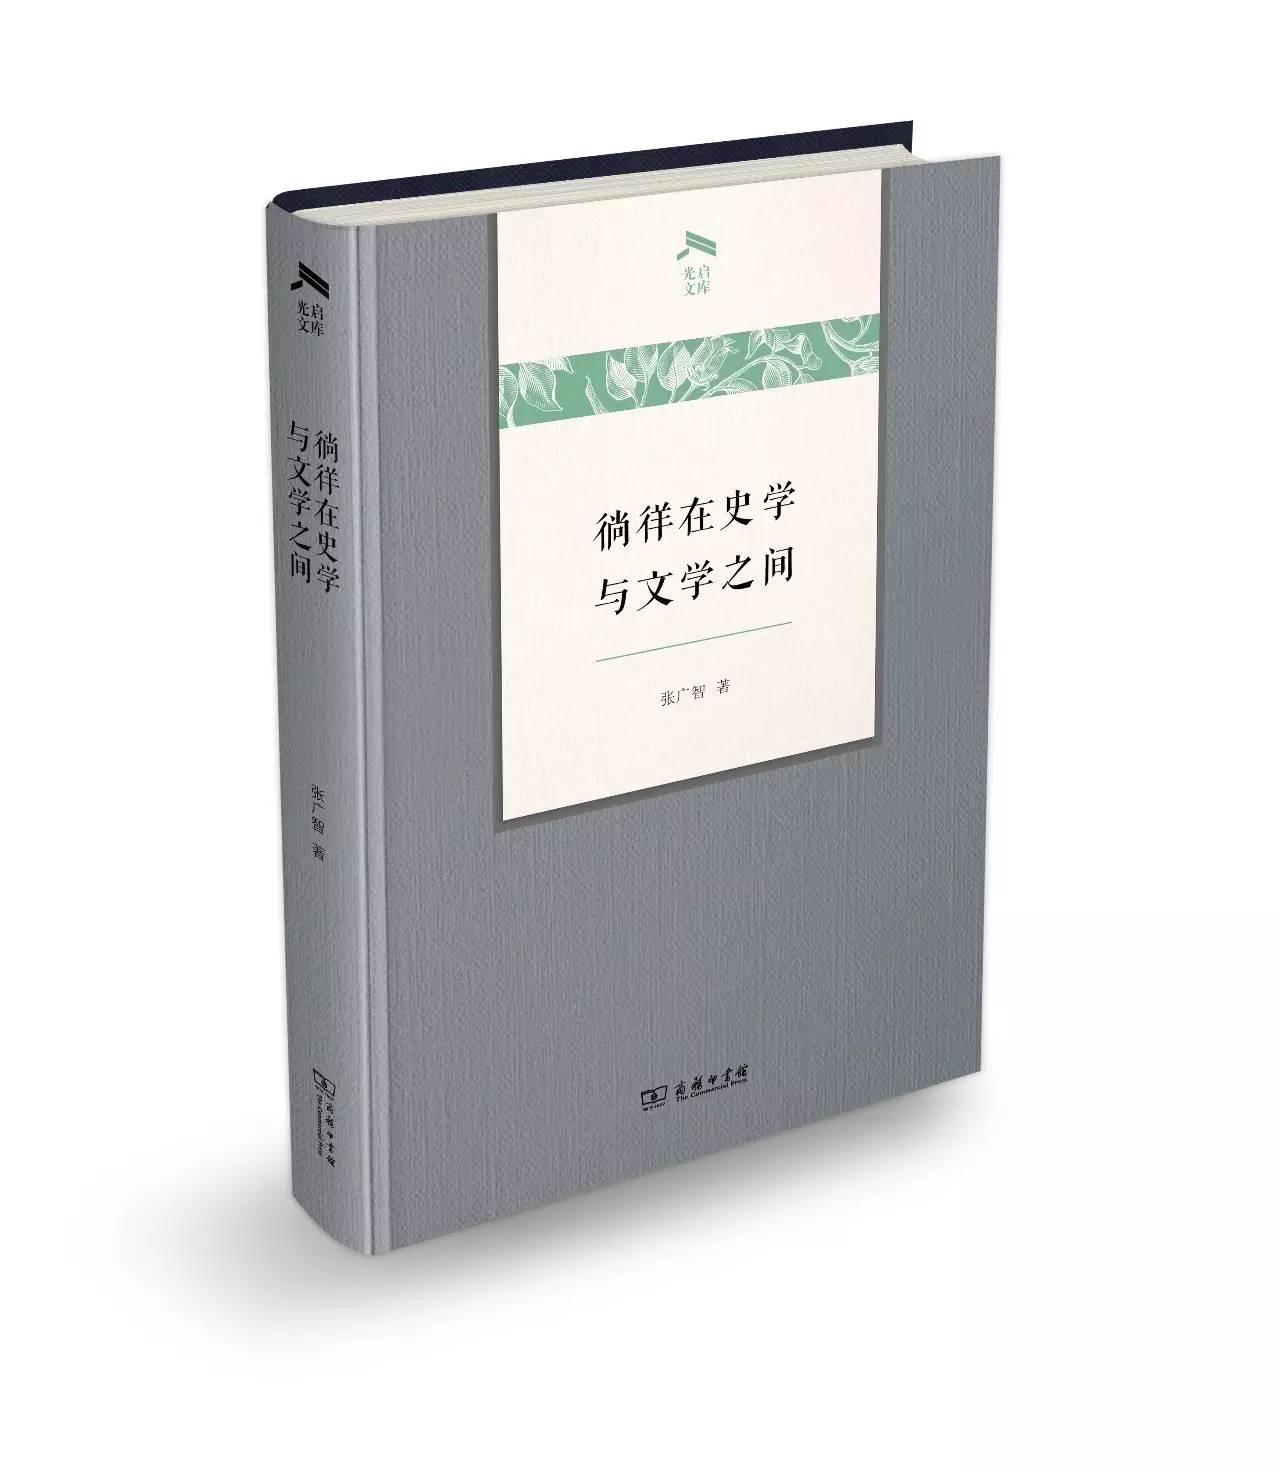 中国历史手抄报